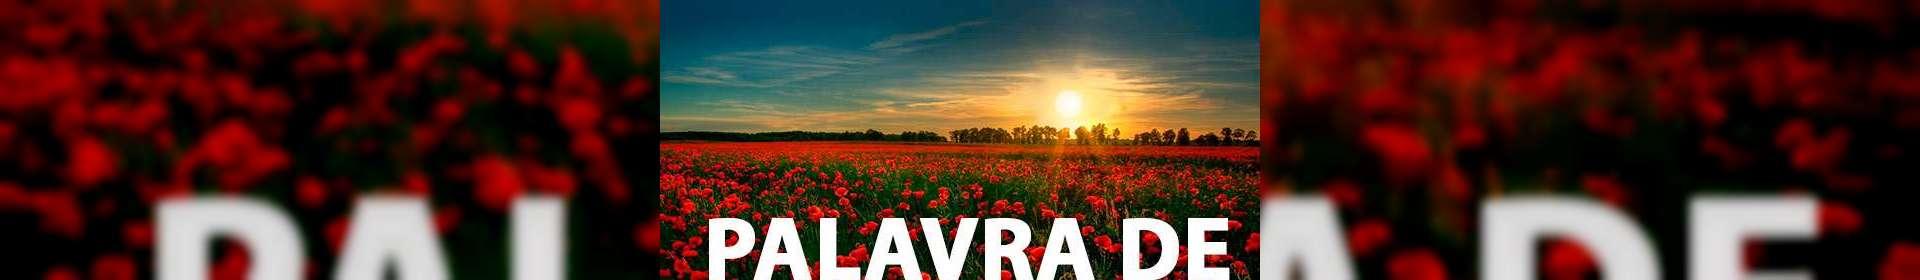 Salmos 4:1,6,7 - Uma Palavra de Esperança para sua vida